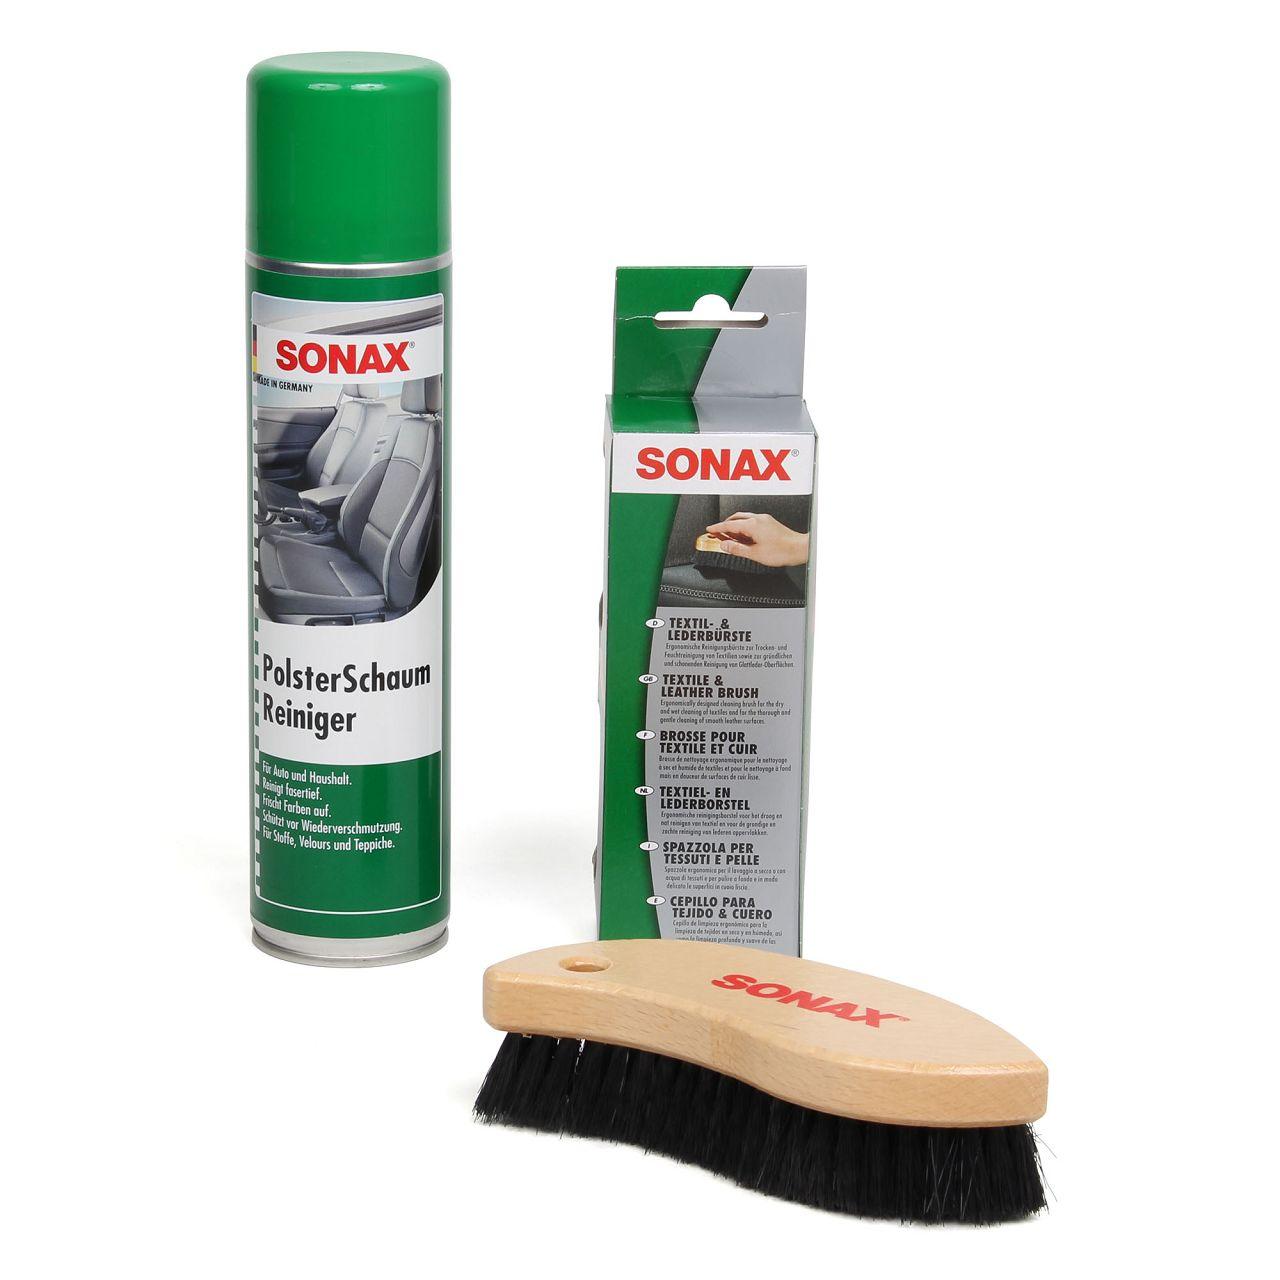 SONAX Polsterschaumreiniger Polsterschaum + Textilbürste Lederbürste